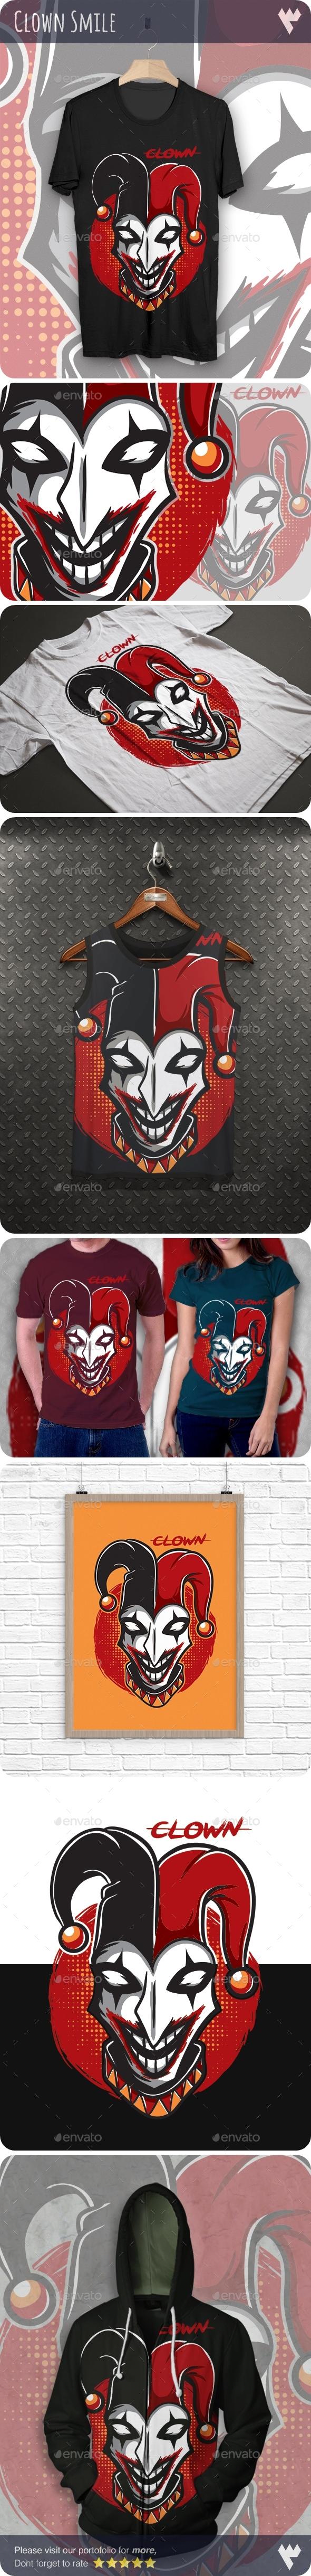 Clown Smile T-Shirt Design - Grunge Designs